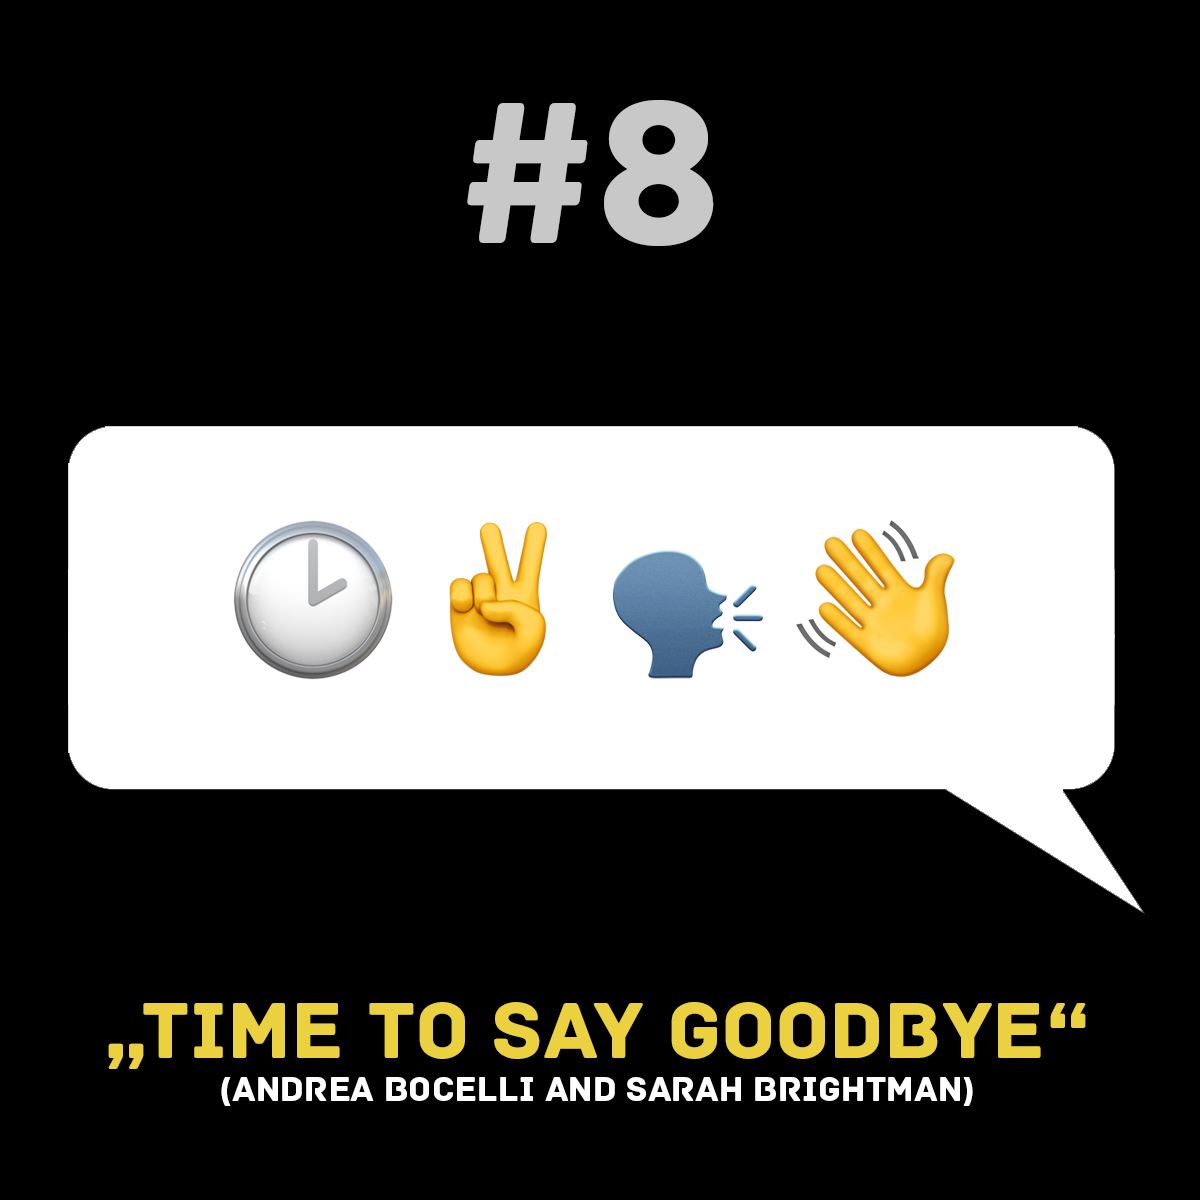 Songtitel in Emojis dargestellt emojibands_08b